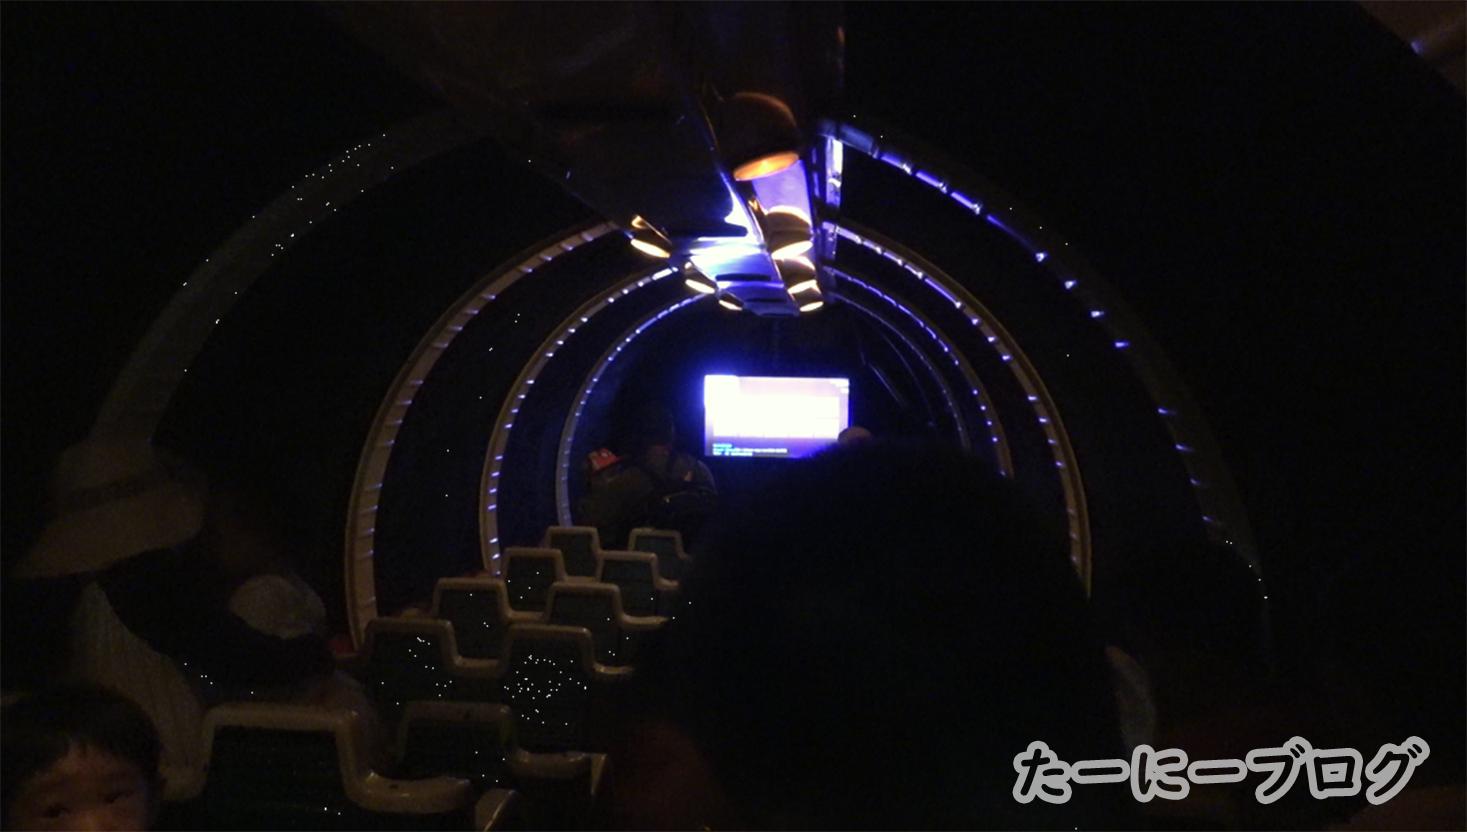 アメイジング宇宙船